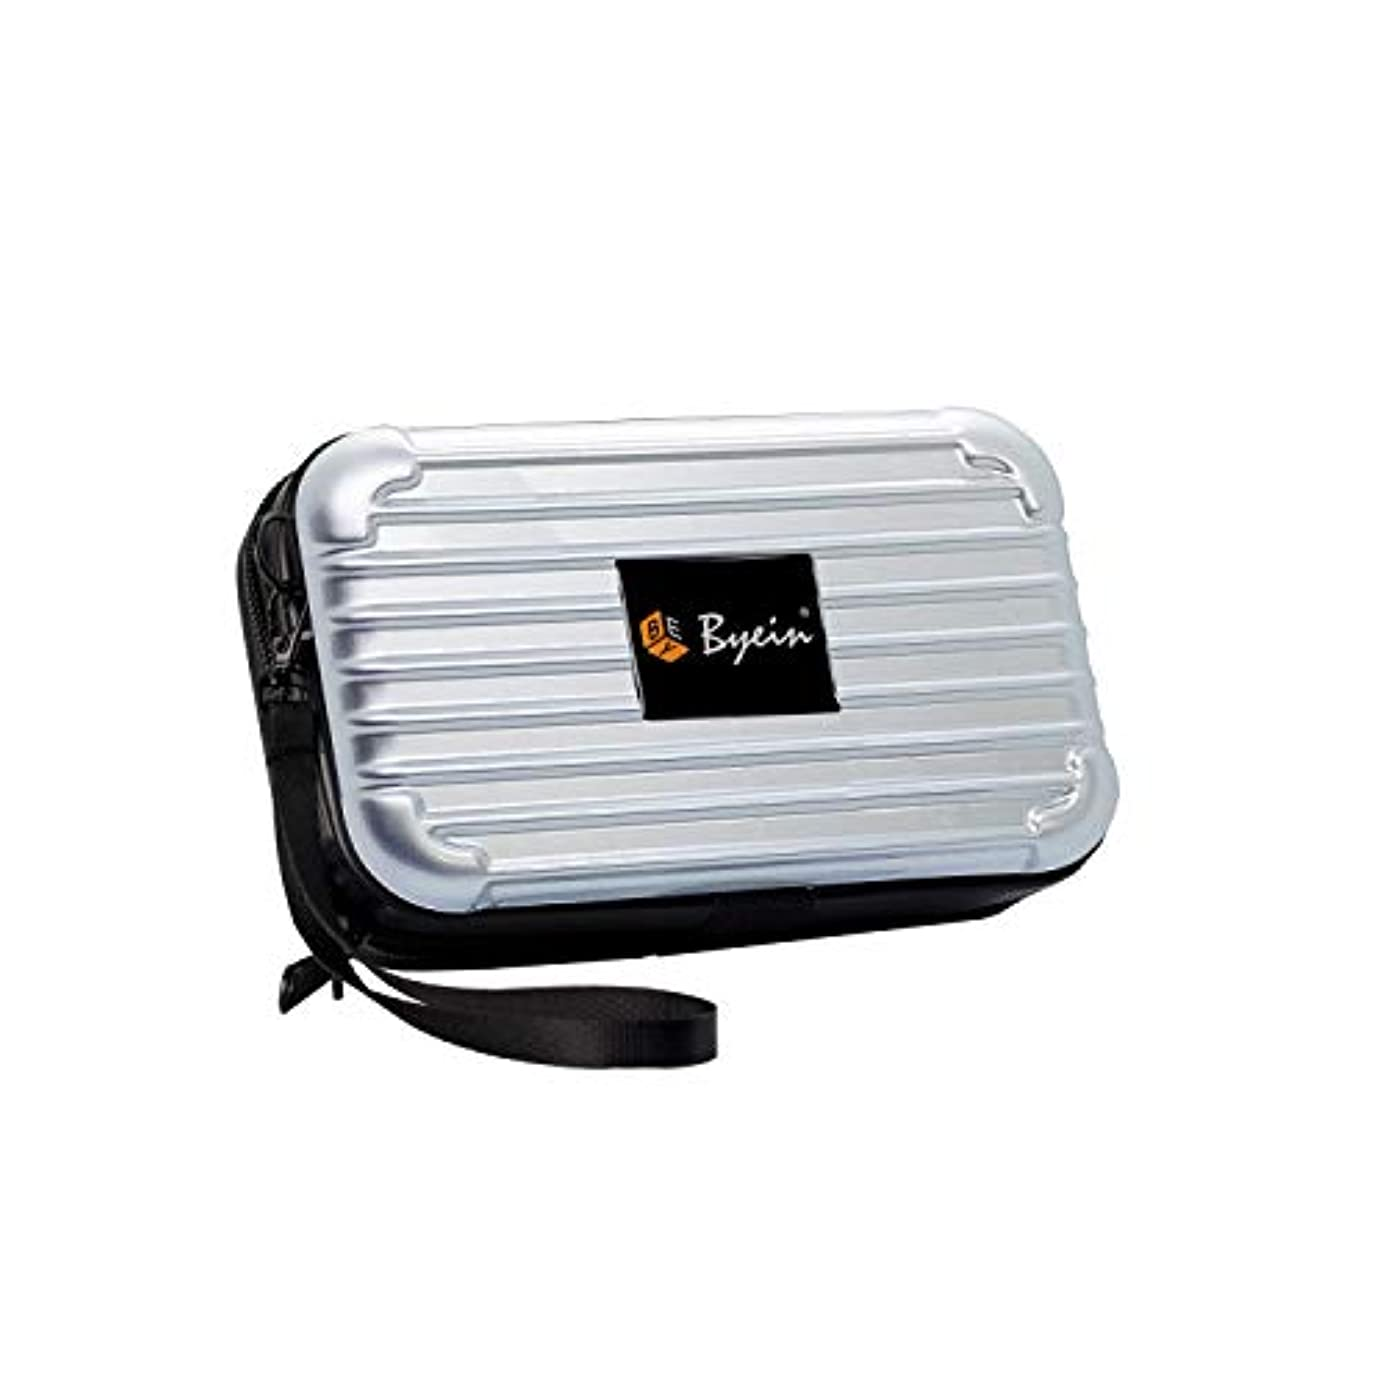 教サスティーン大人BYEIN 化粧ポーチ 多機能ポーチ 収納バッグ 軽量 旅行 出張 お出かけ 持ち運び便利 スーツケース型